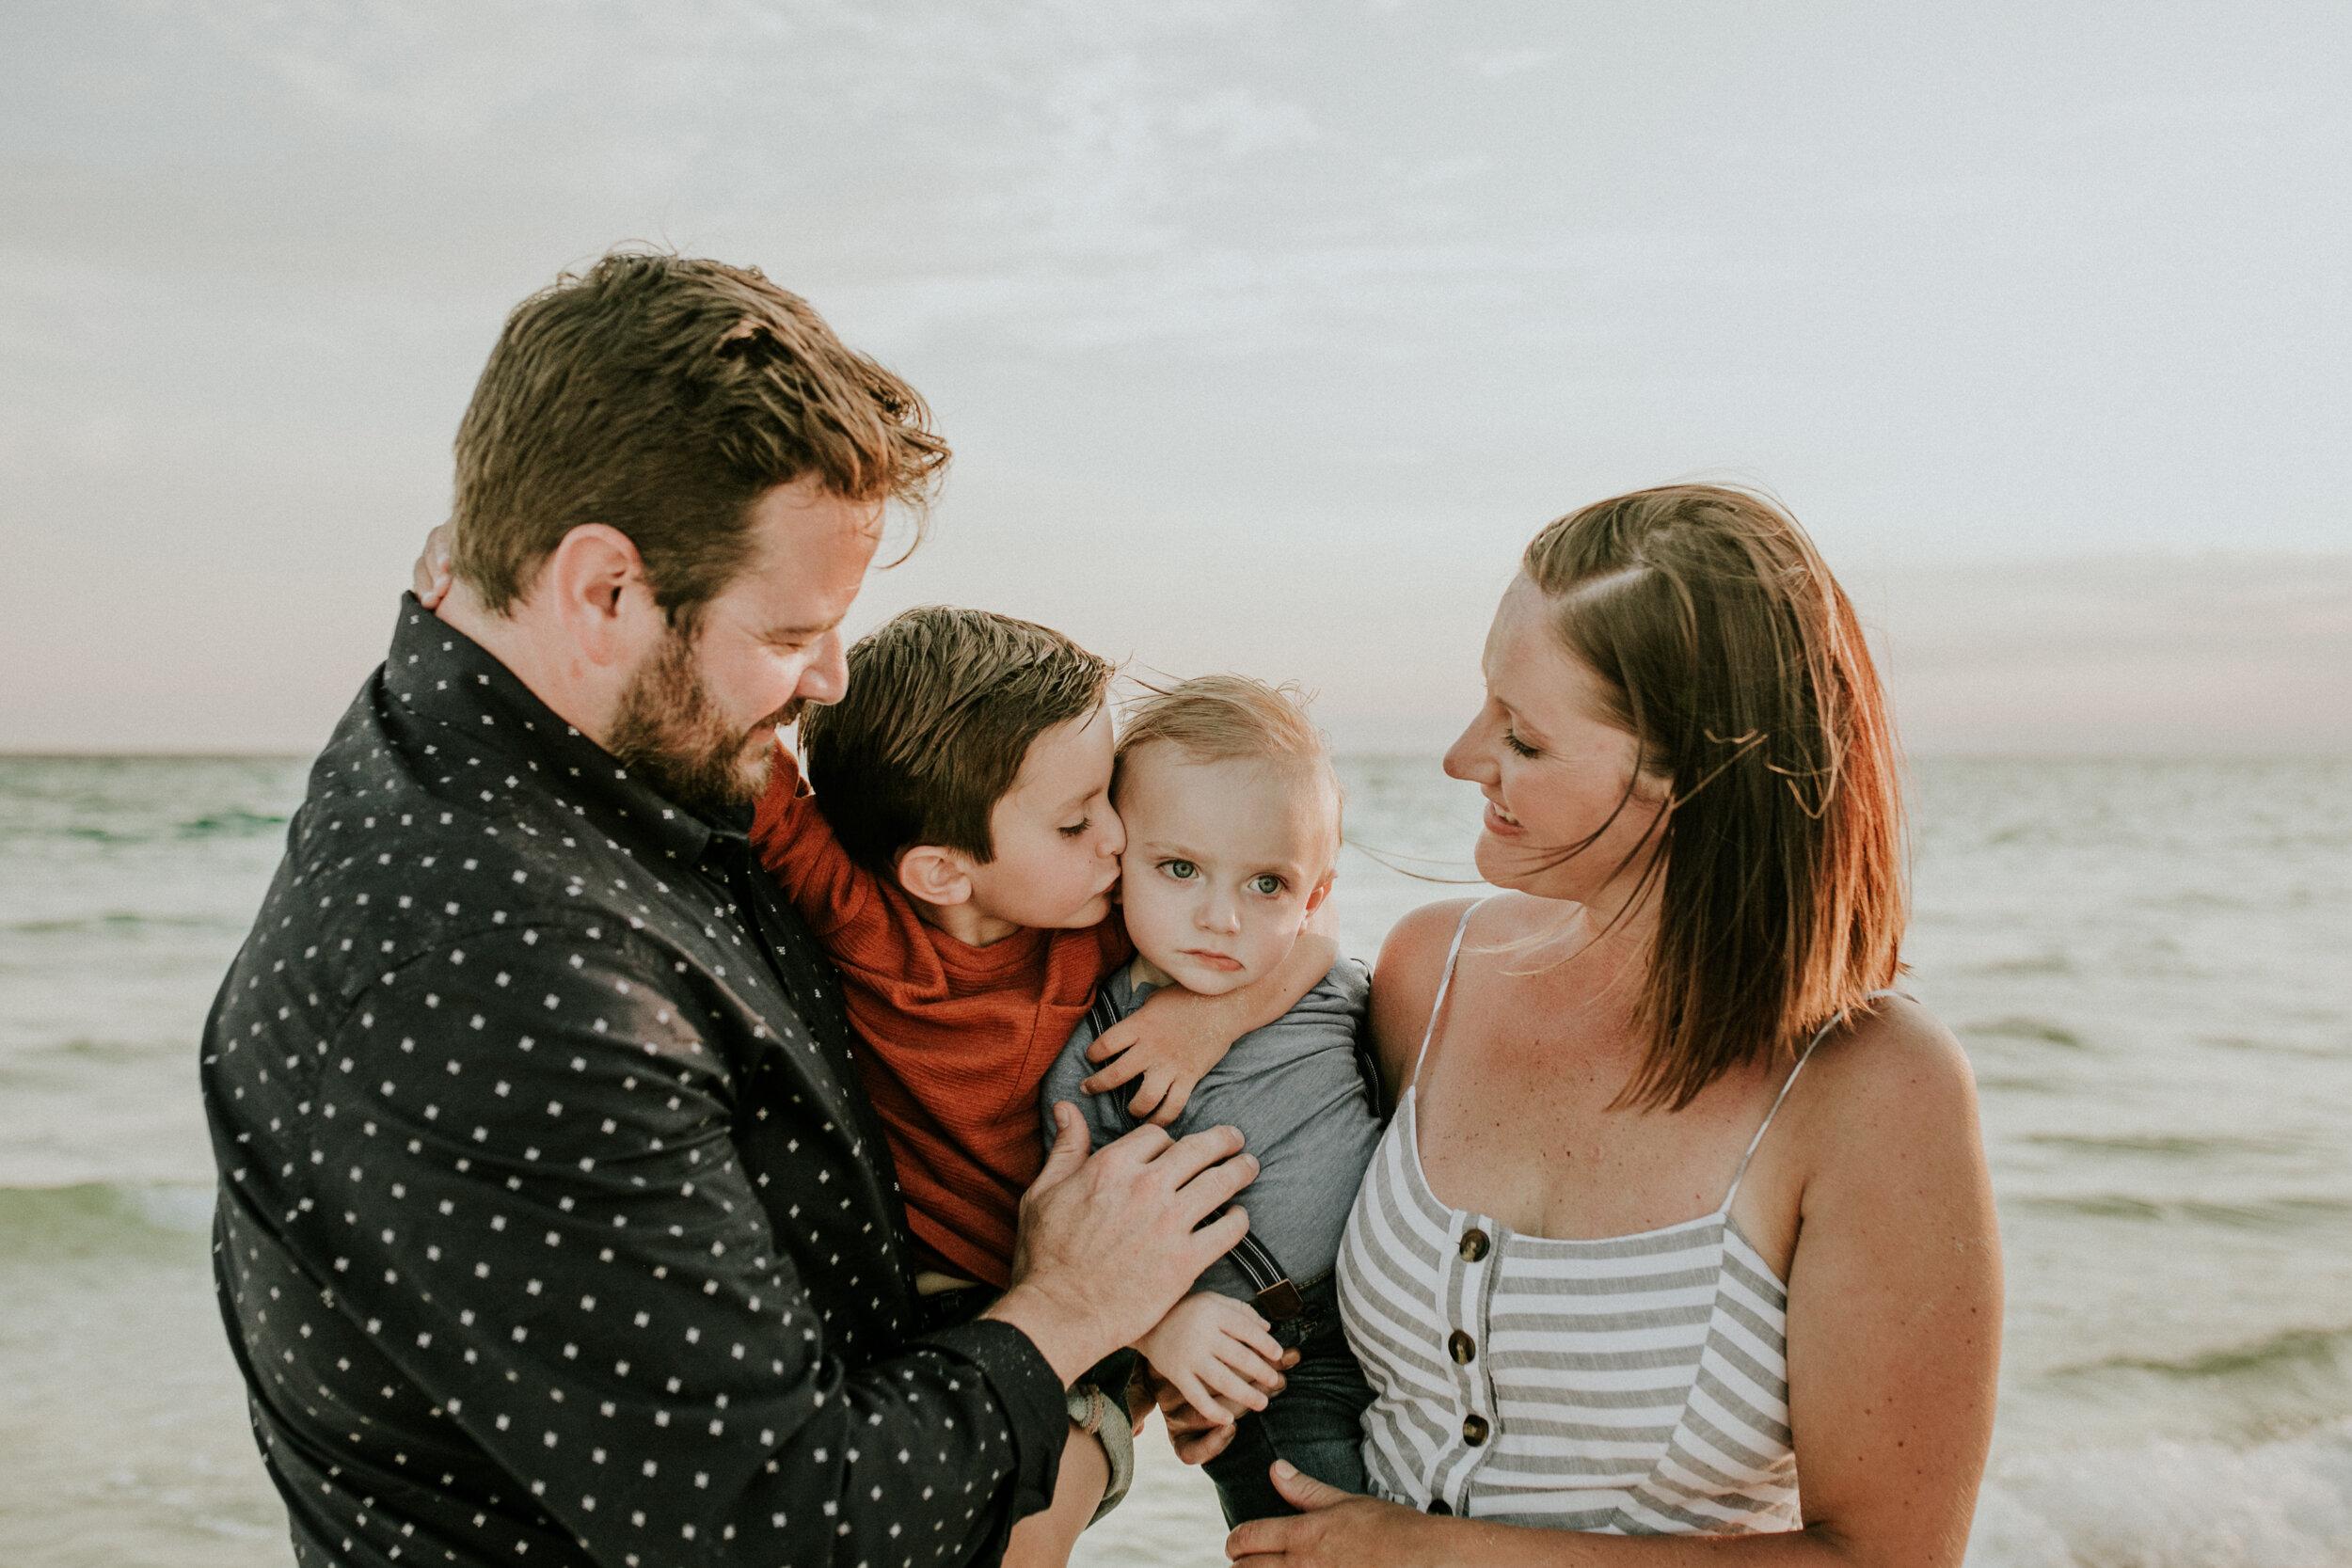 30a_Carillon_Beach_Resort_Panama_City_Beach_Family_Photographer_Beach_Photos-27.jpg